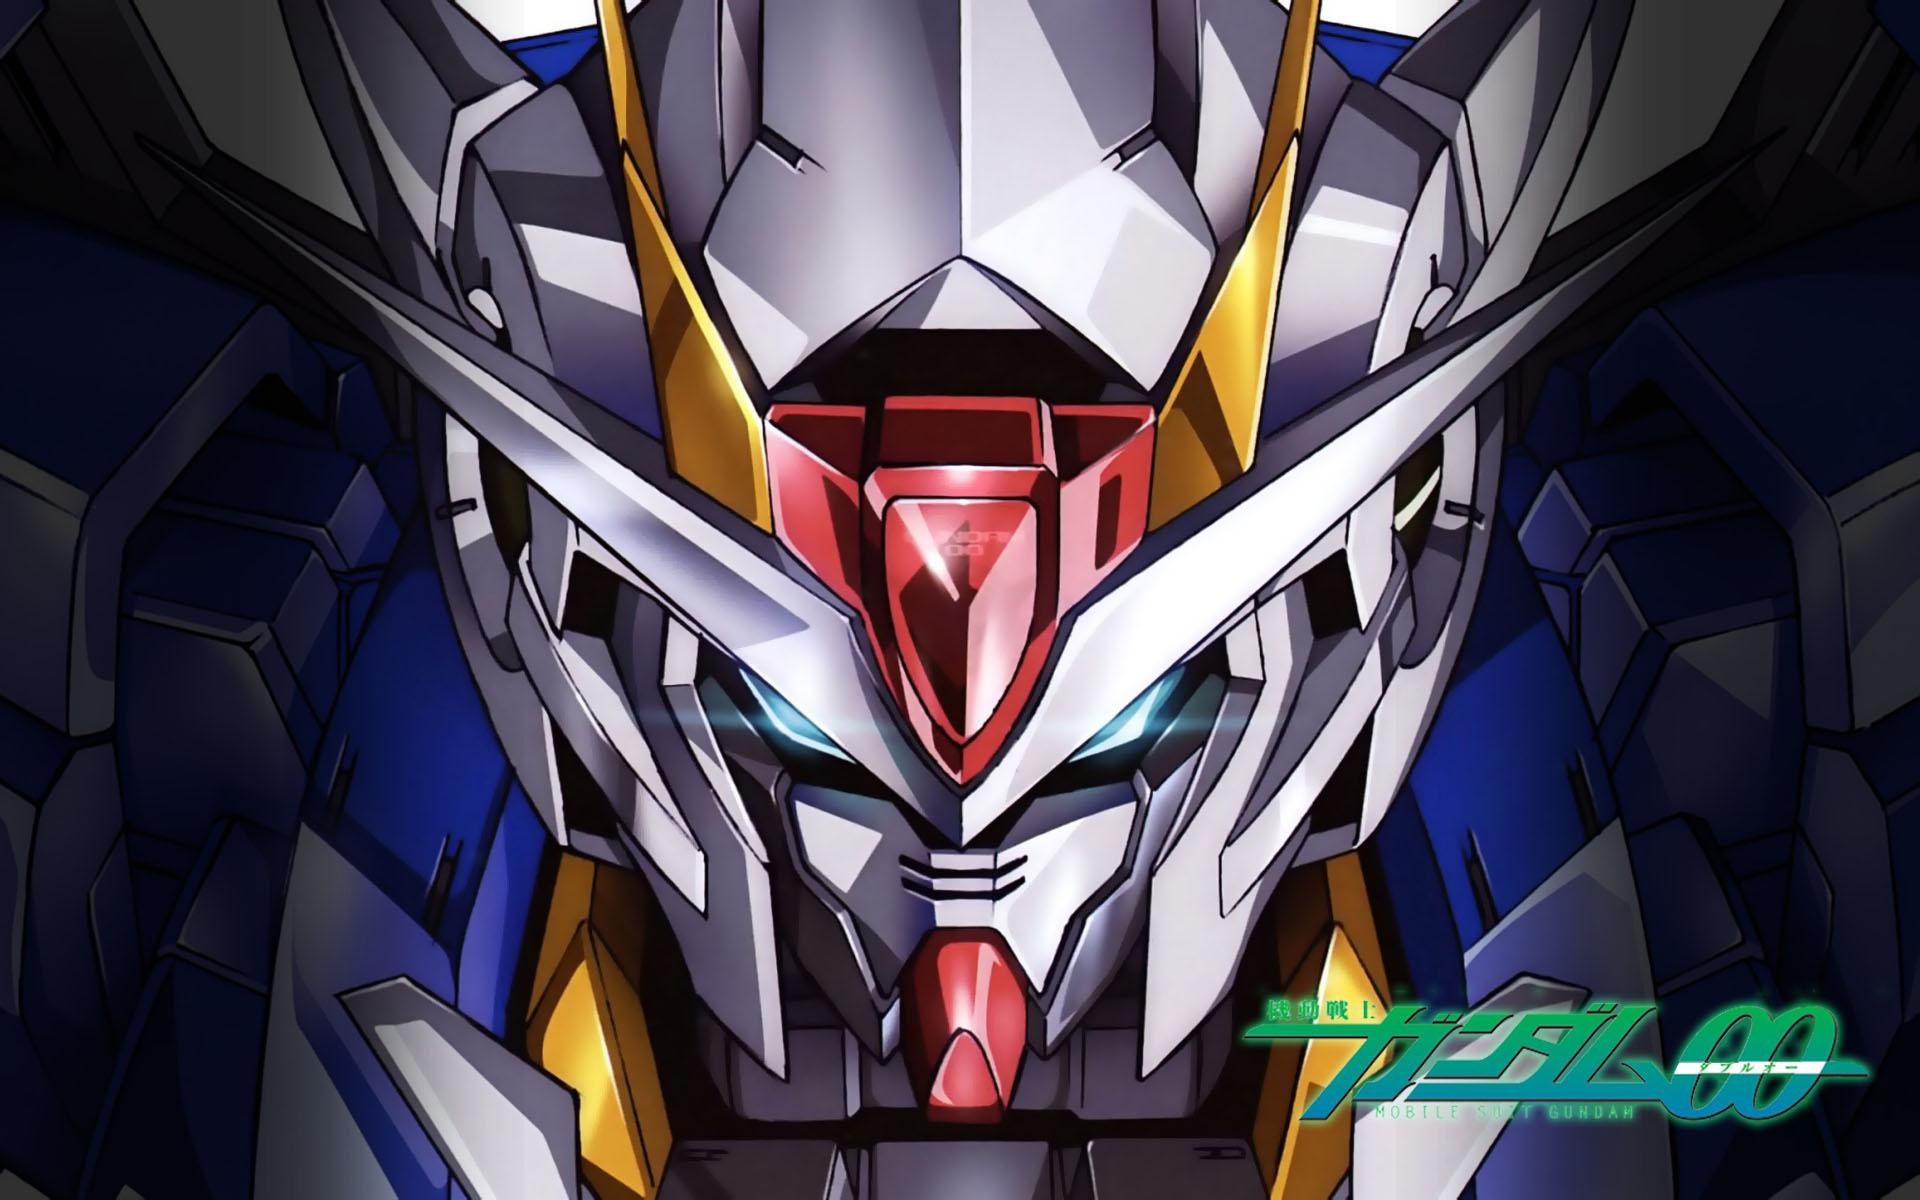 Gundam Wallpaper Hd Imashoncom 1920x1200px